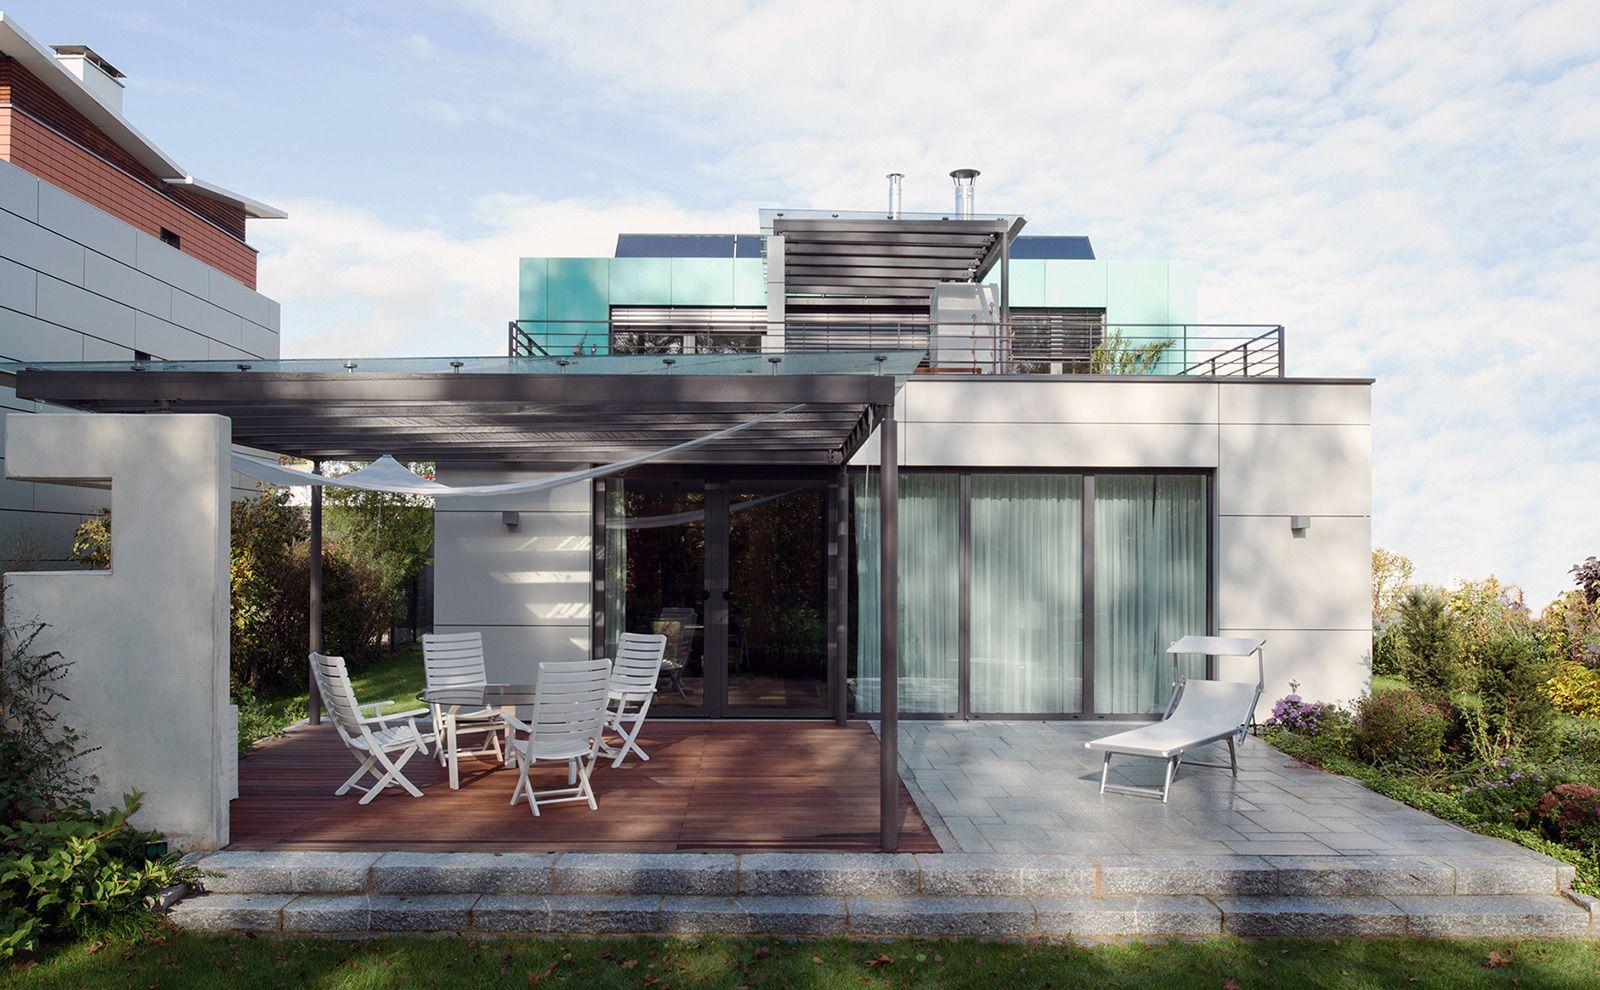 Zweifamilienhaus mit Garten und Kupferfassade